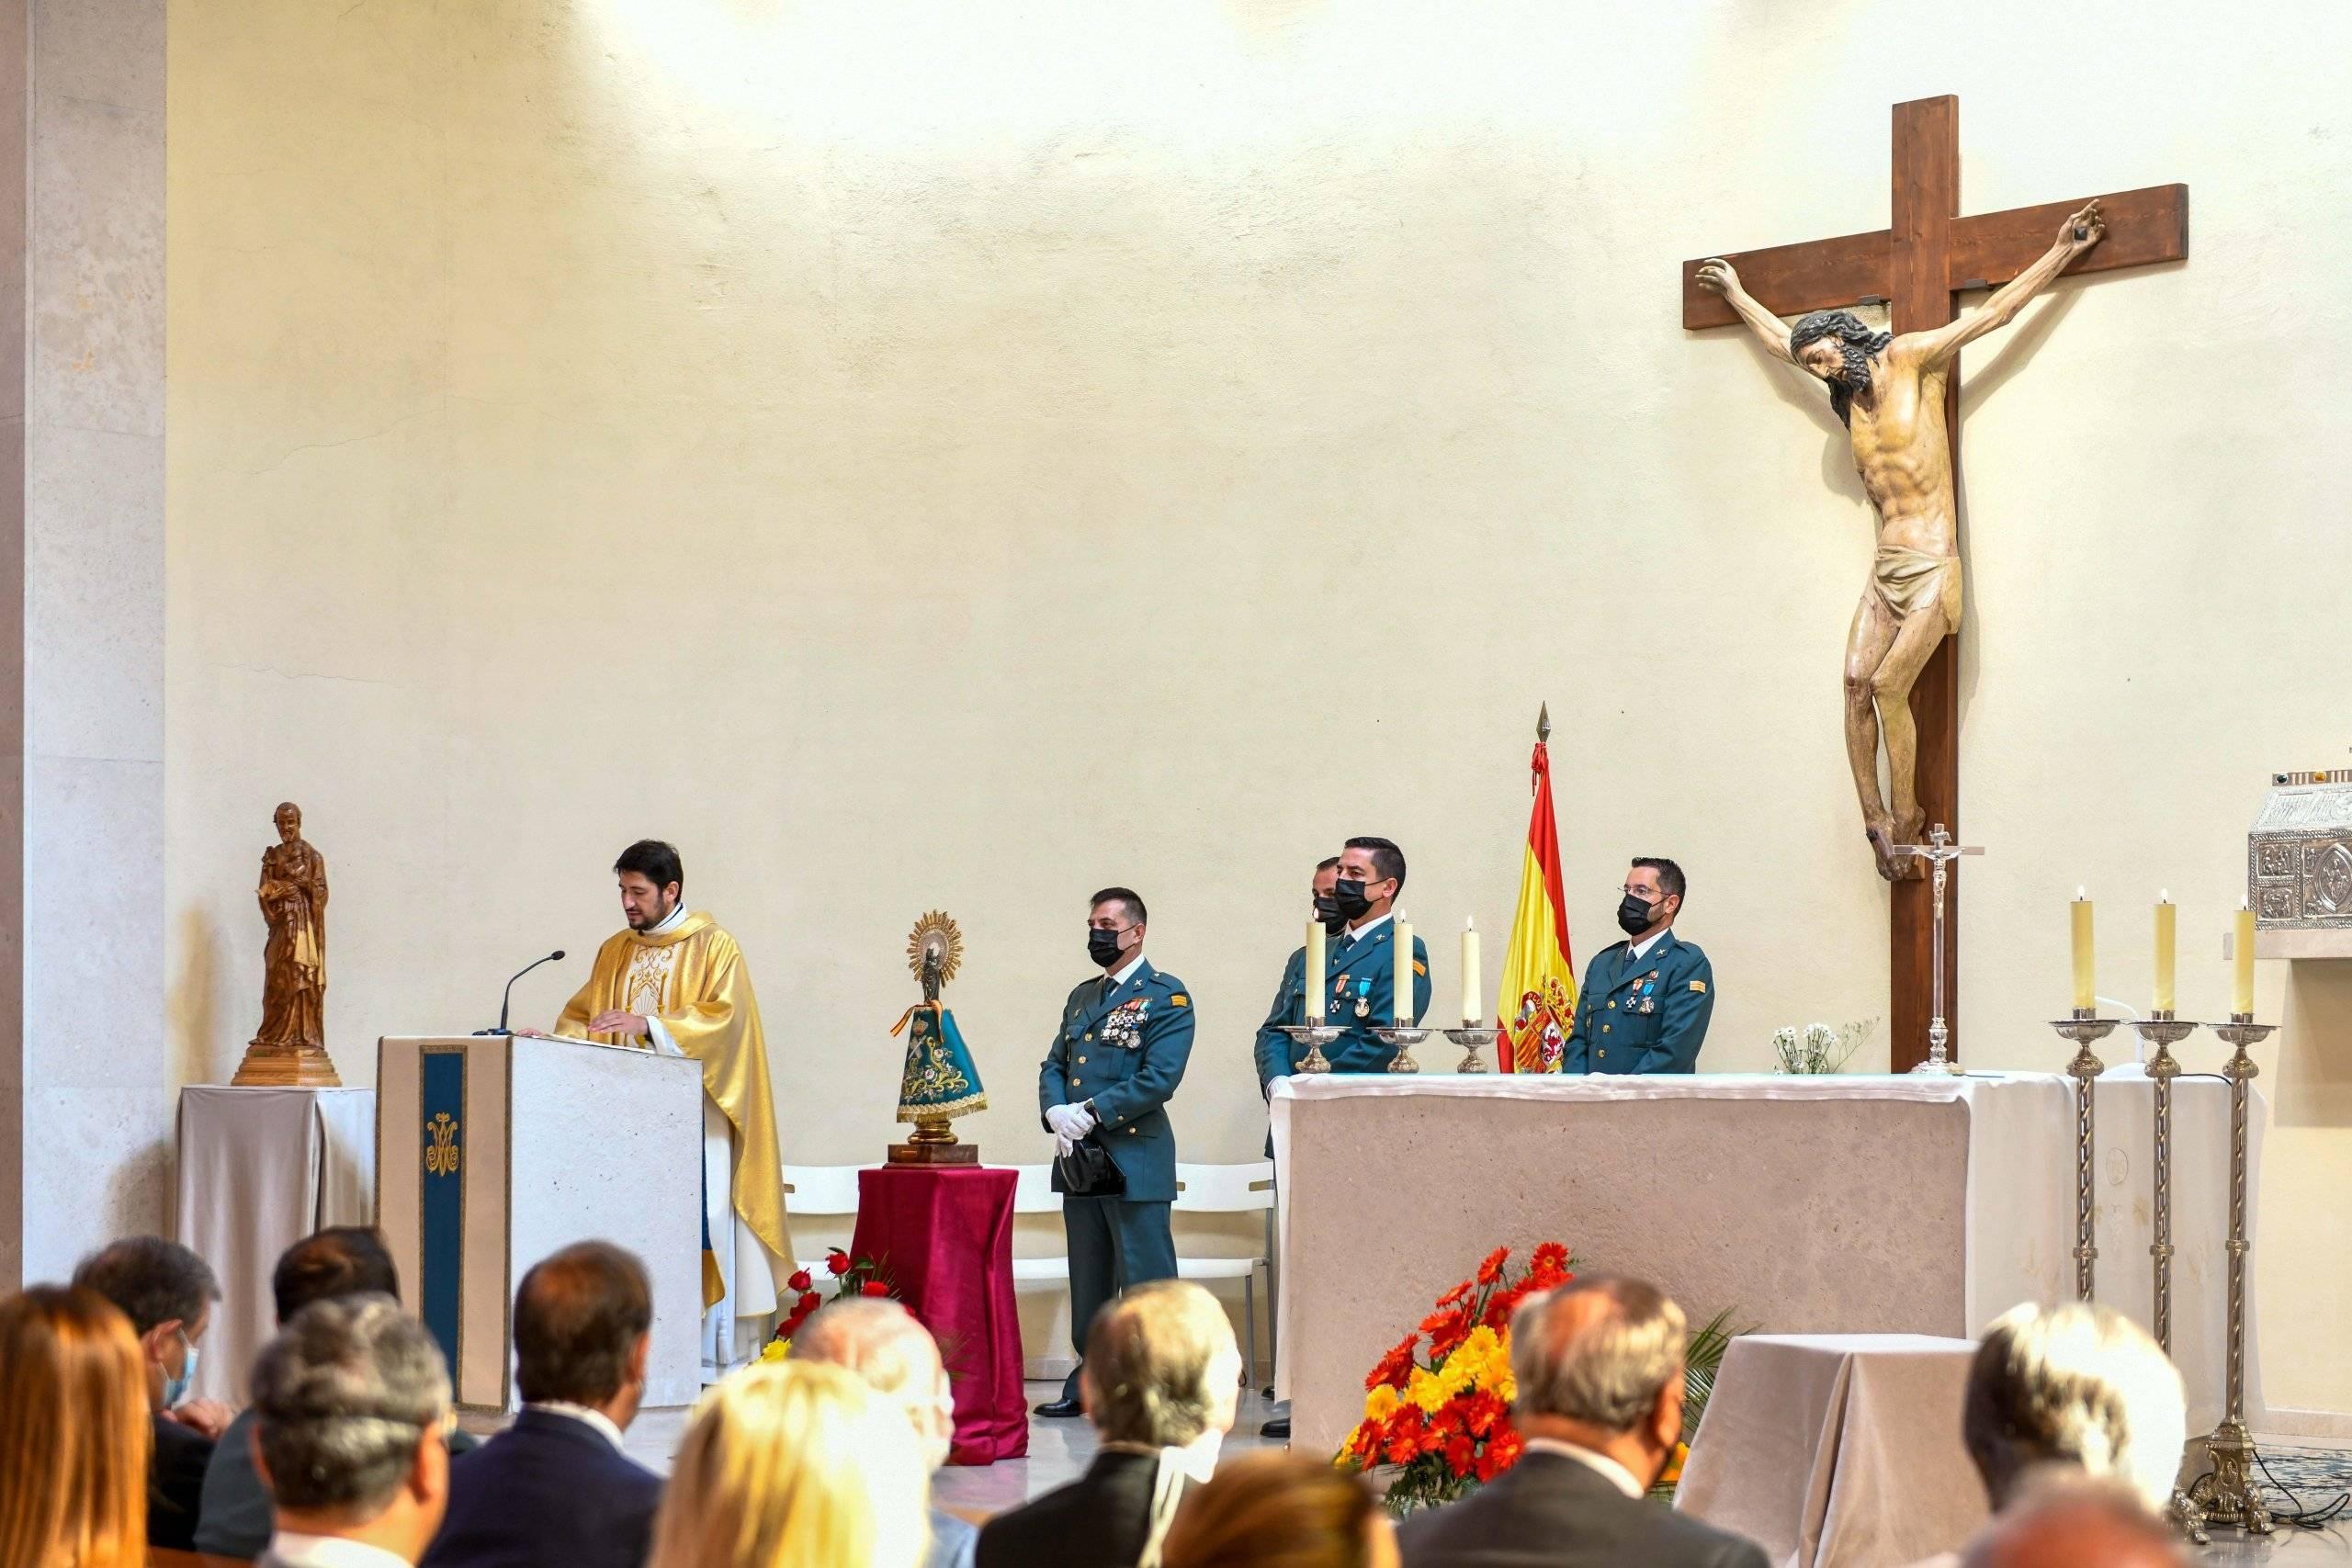 Misa en honor a la Virgen del Pilar en la parroquia San Carlos Borromeo.